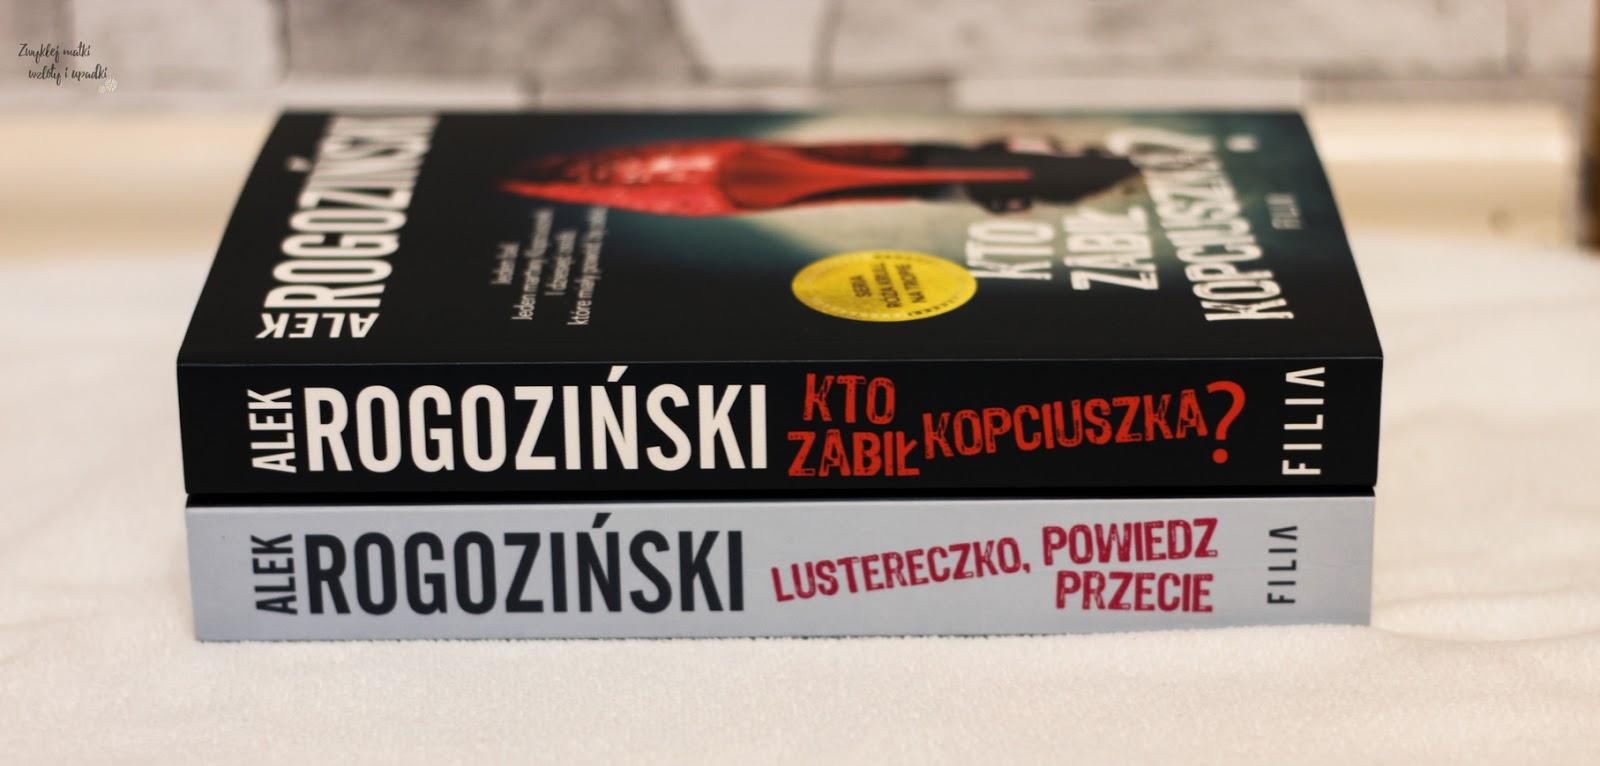 Kto zabił Kopciuszka - Alek Rogoziński